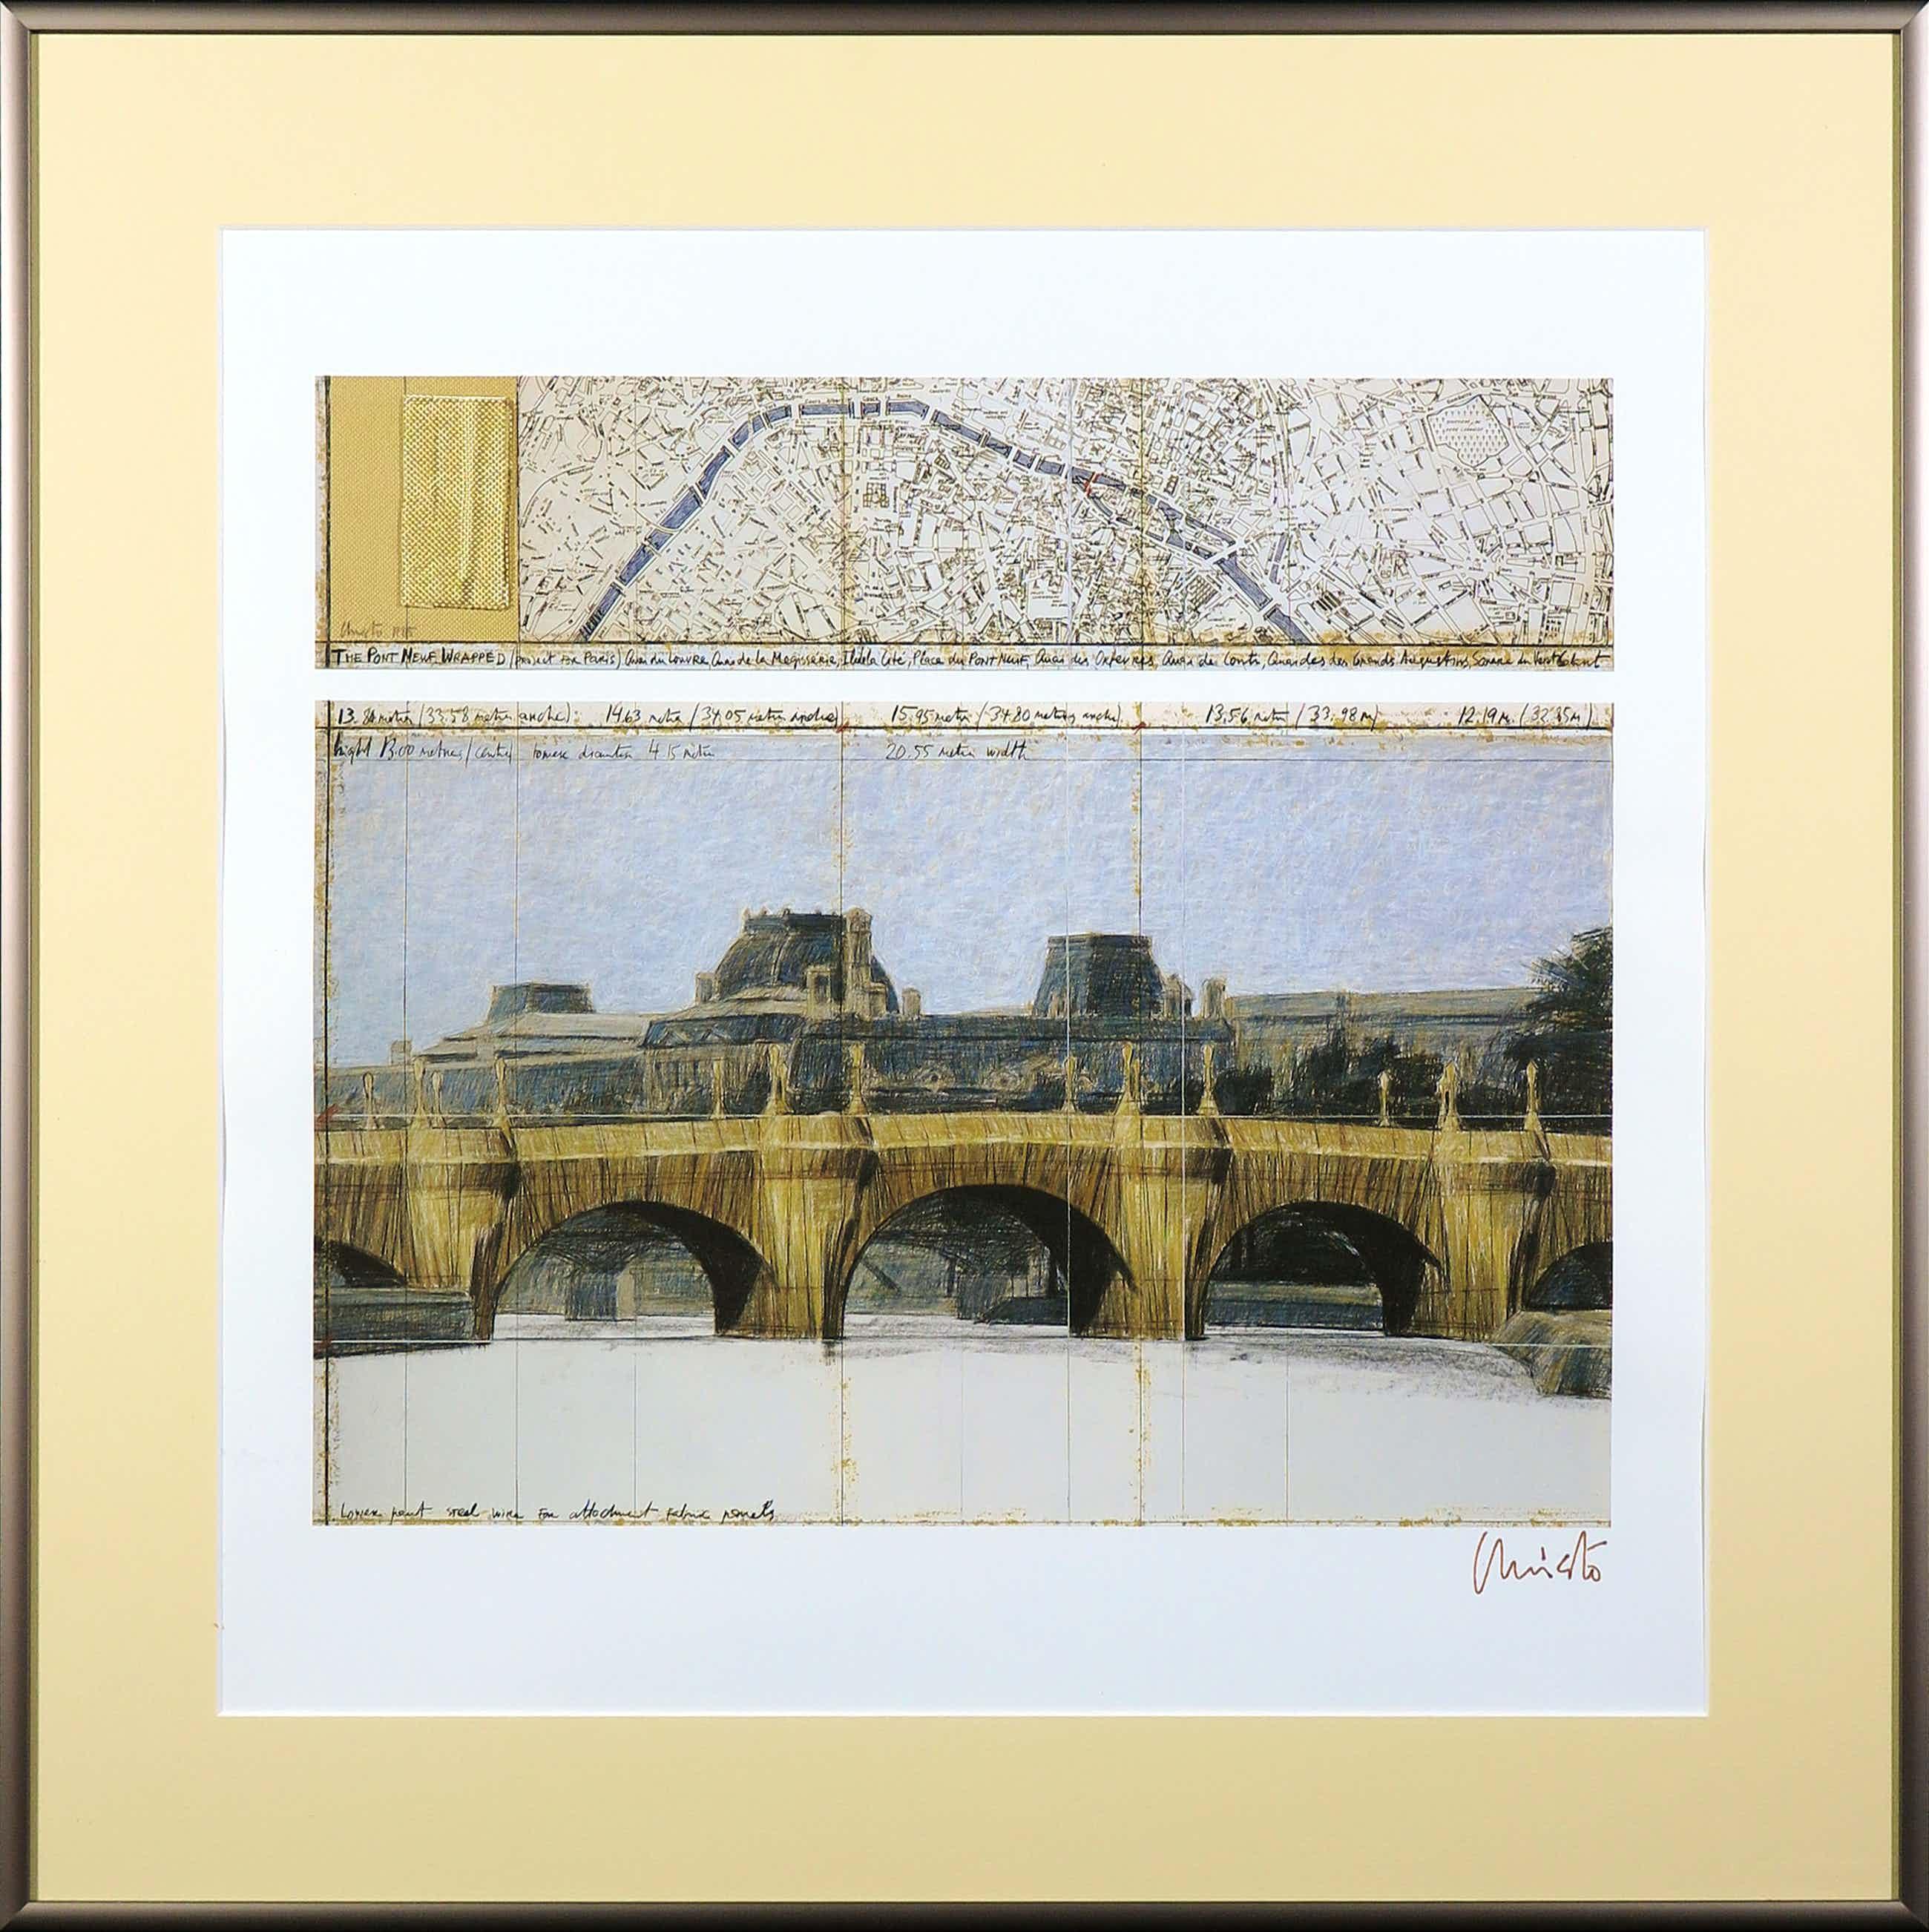 Christo - Handgesigneerd exemplaar The Pont Neuf Wrapped met stukje stof - Ingelijst kopen? Bied vanaf 250!